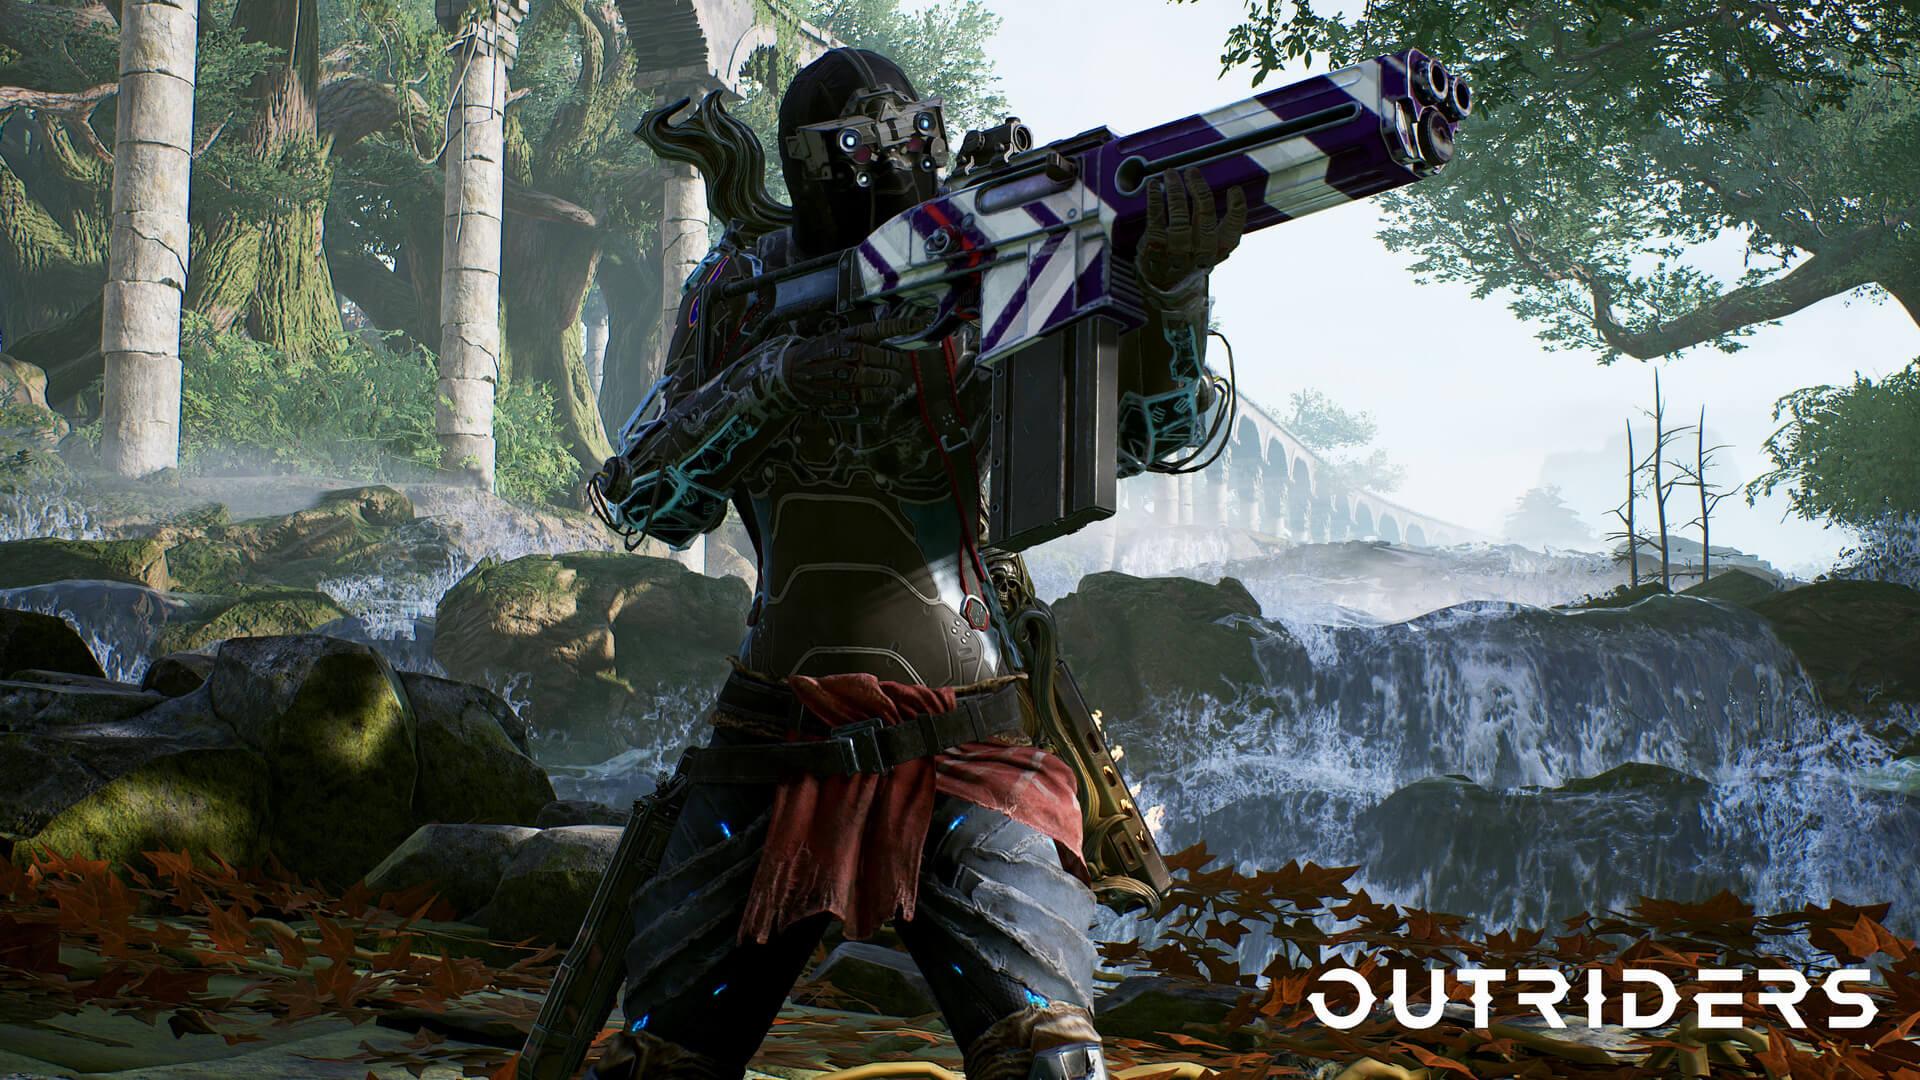 科幻射击游戏《Outriders》新演示 剧情丰富枪战刺激